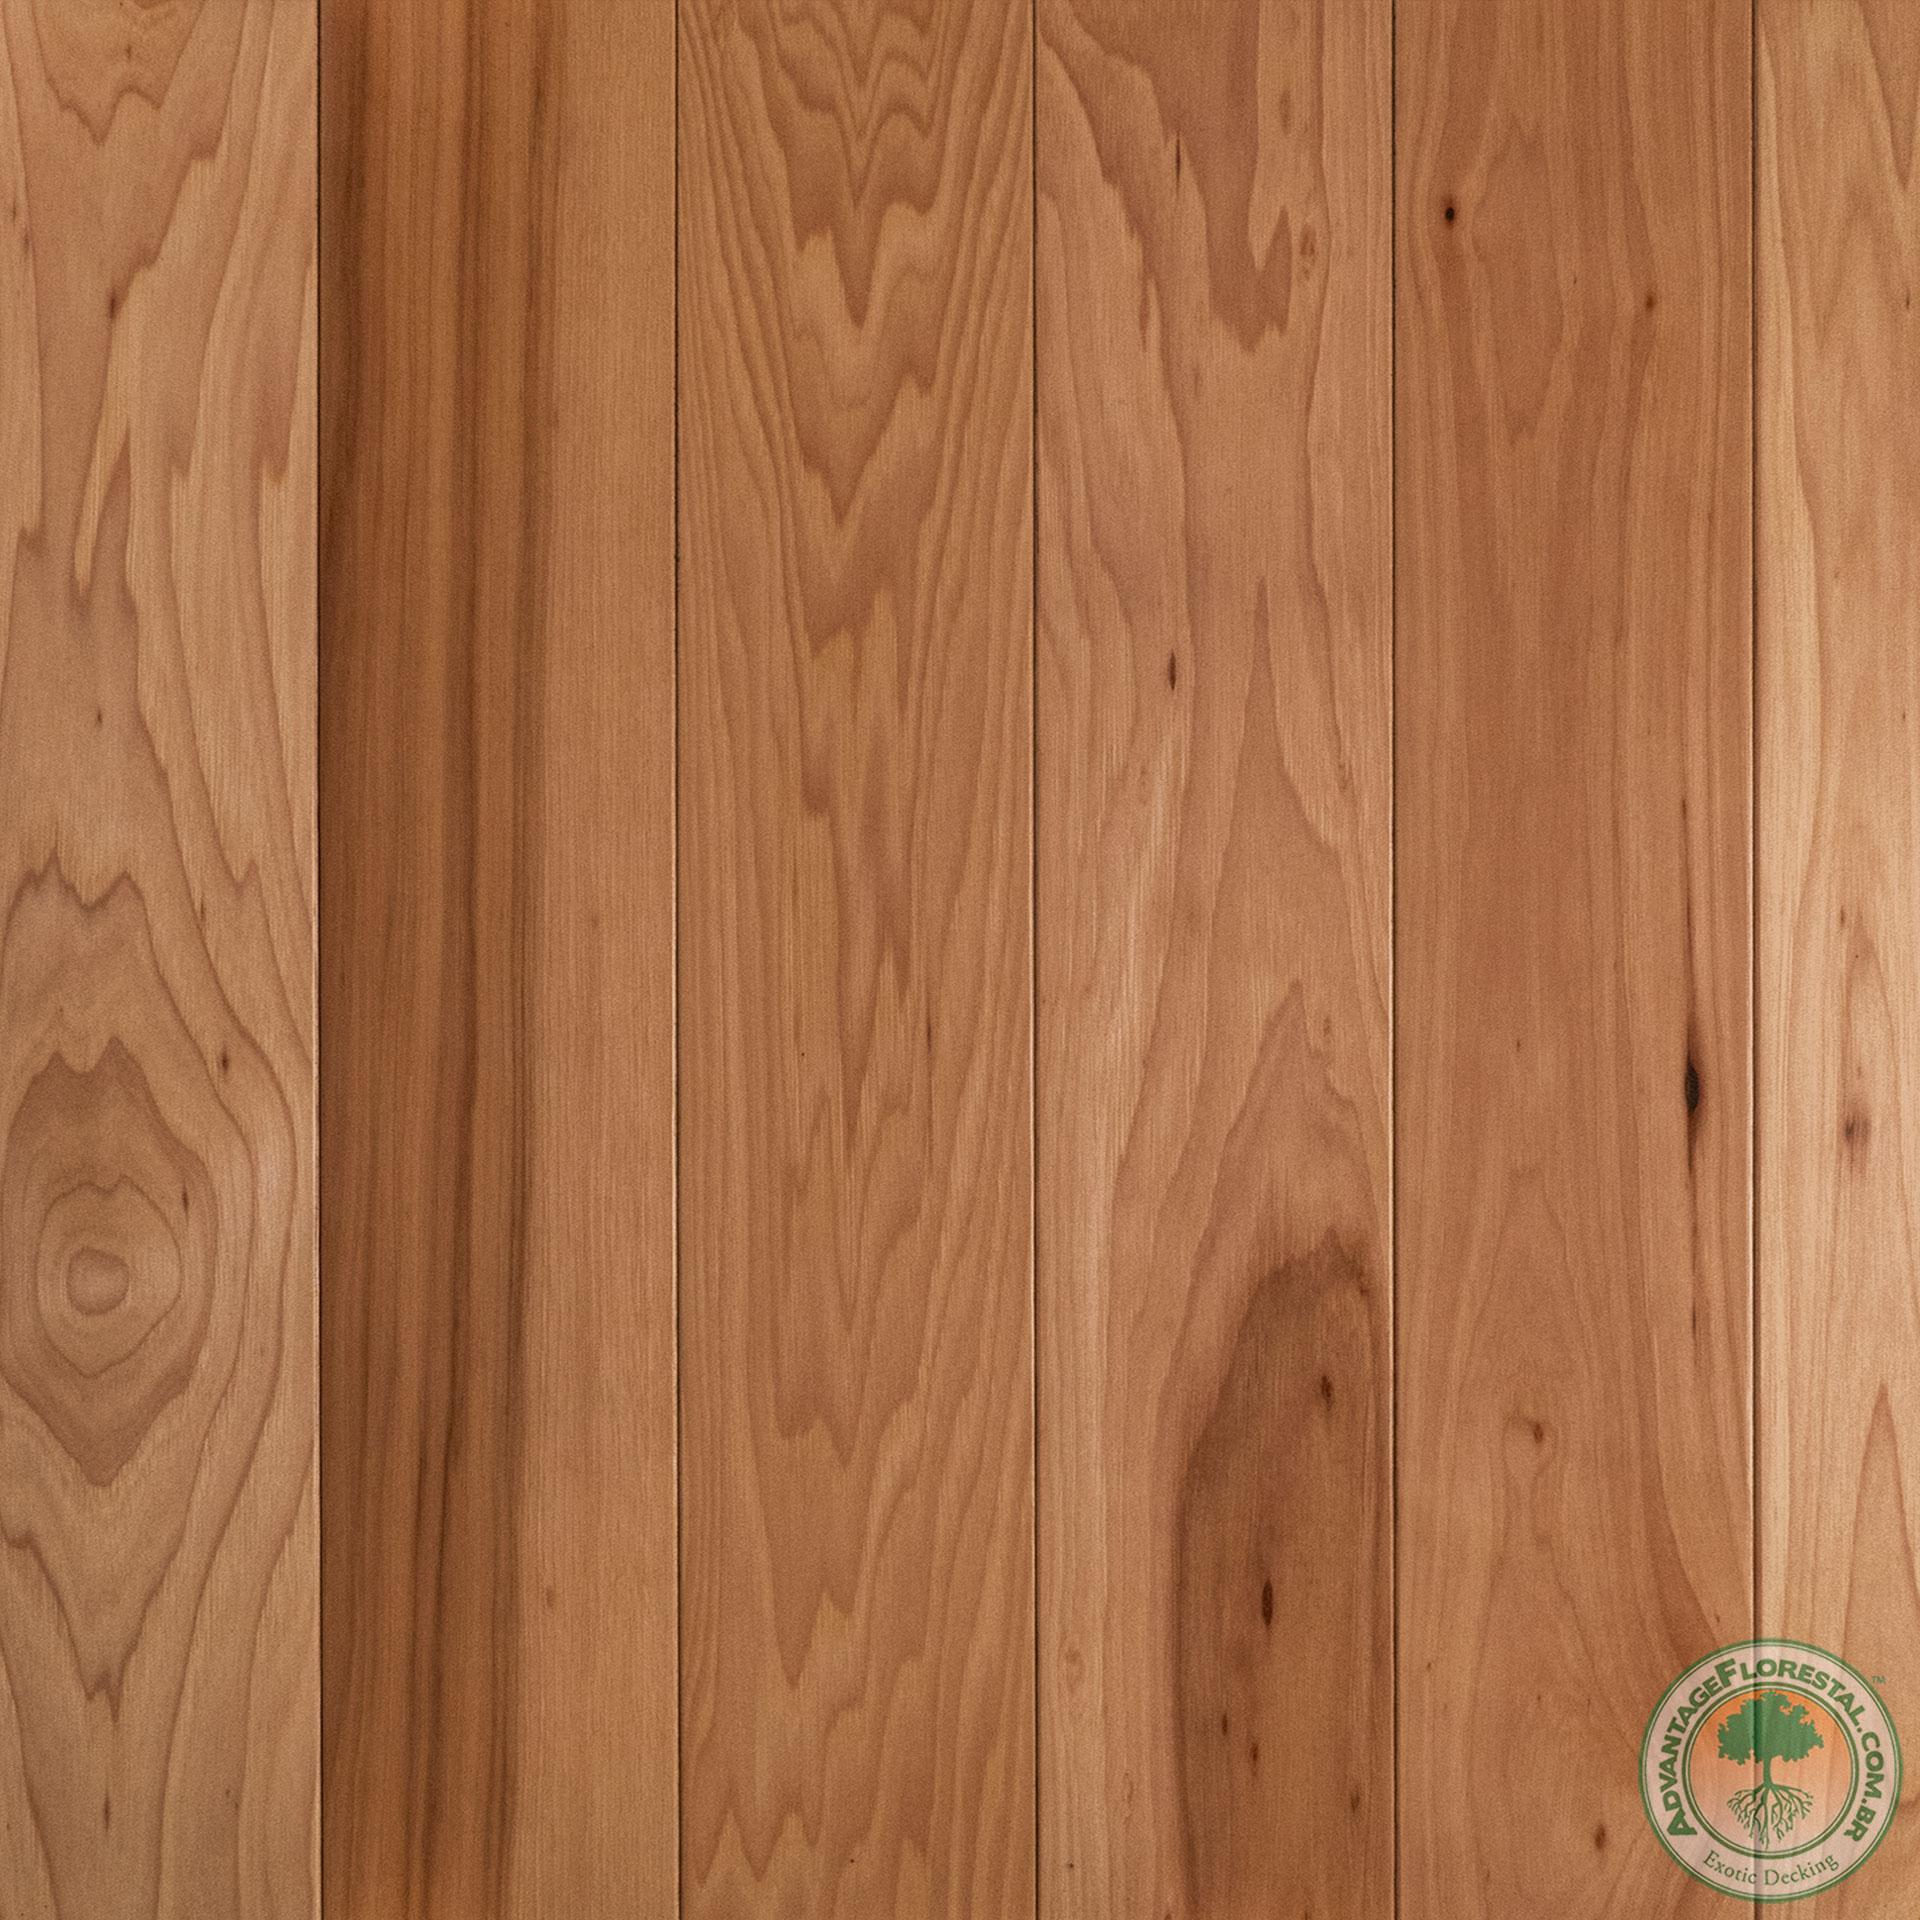 Wholesale Hickory Hardwood Flooring